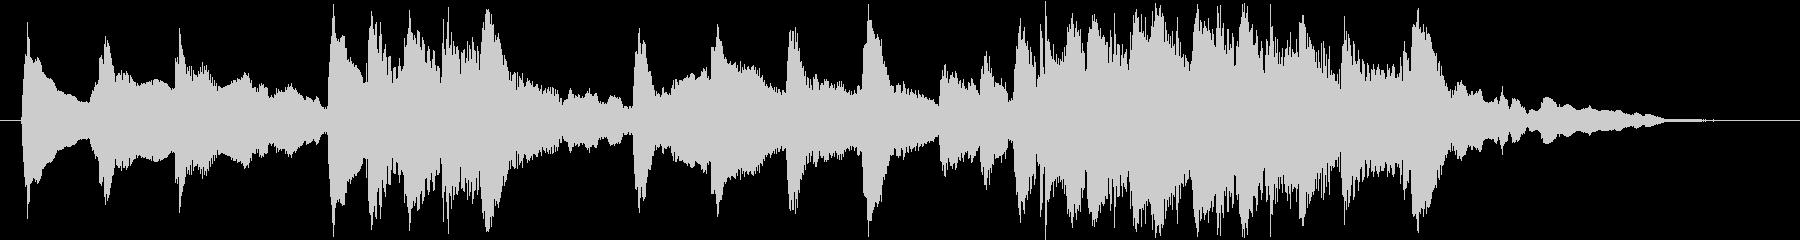 琴と尺八の純和風ロゴの未再生の波形